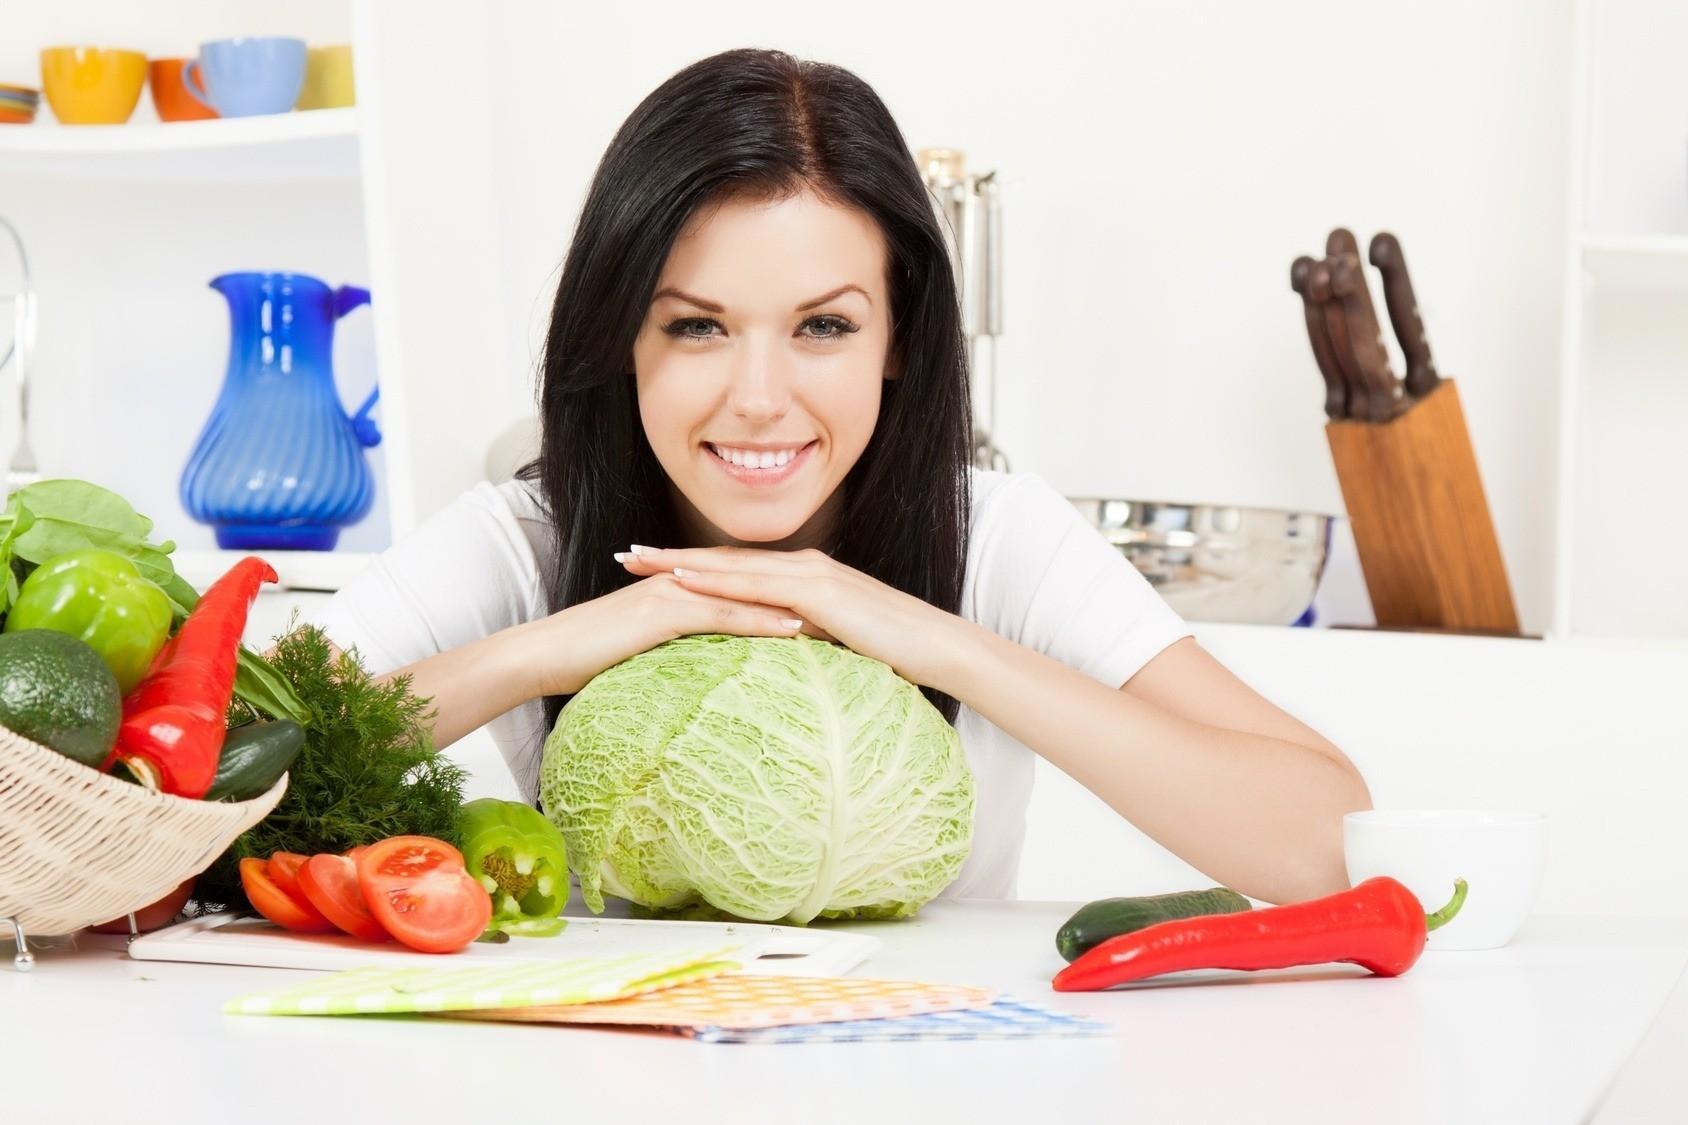 quanto posso perdere peso mangiando solo verdure